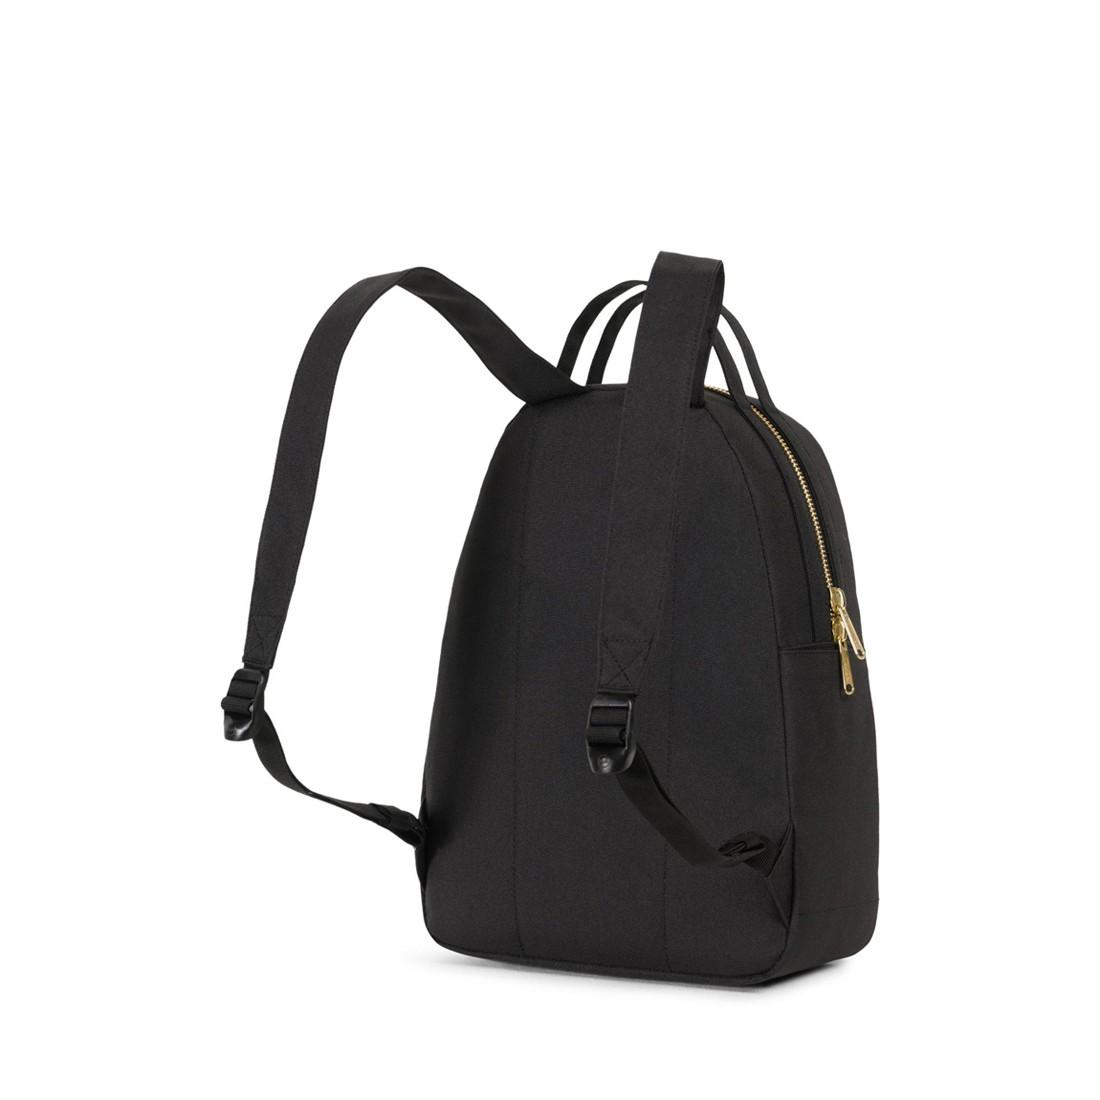 5c349de5861 Nova Backpack XS Black